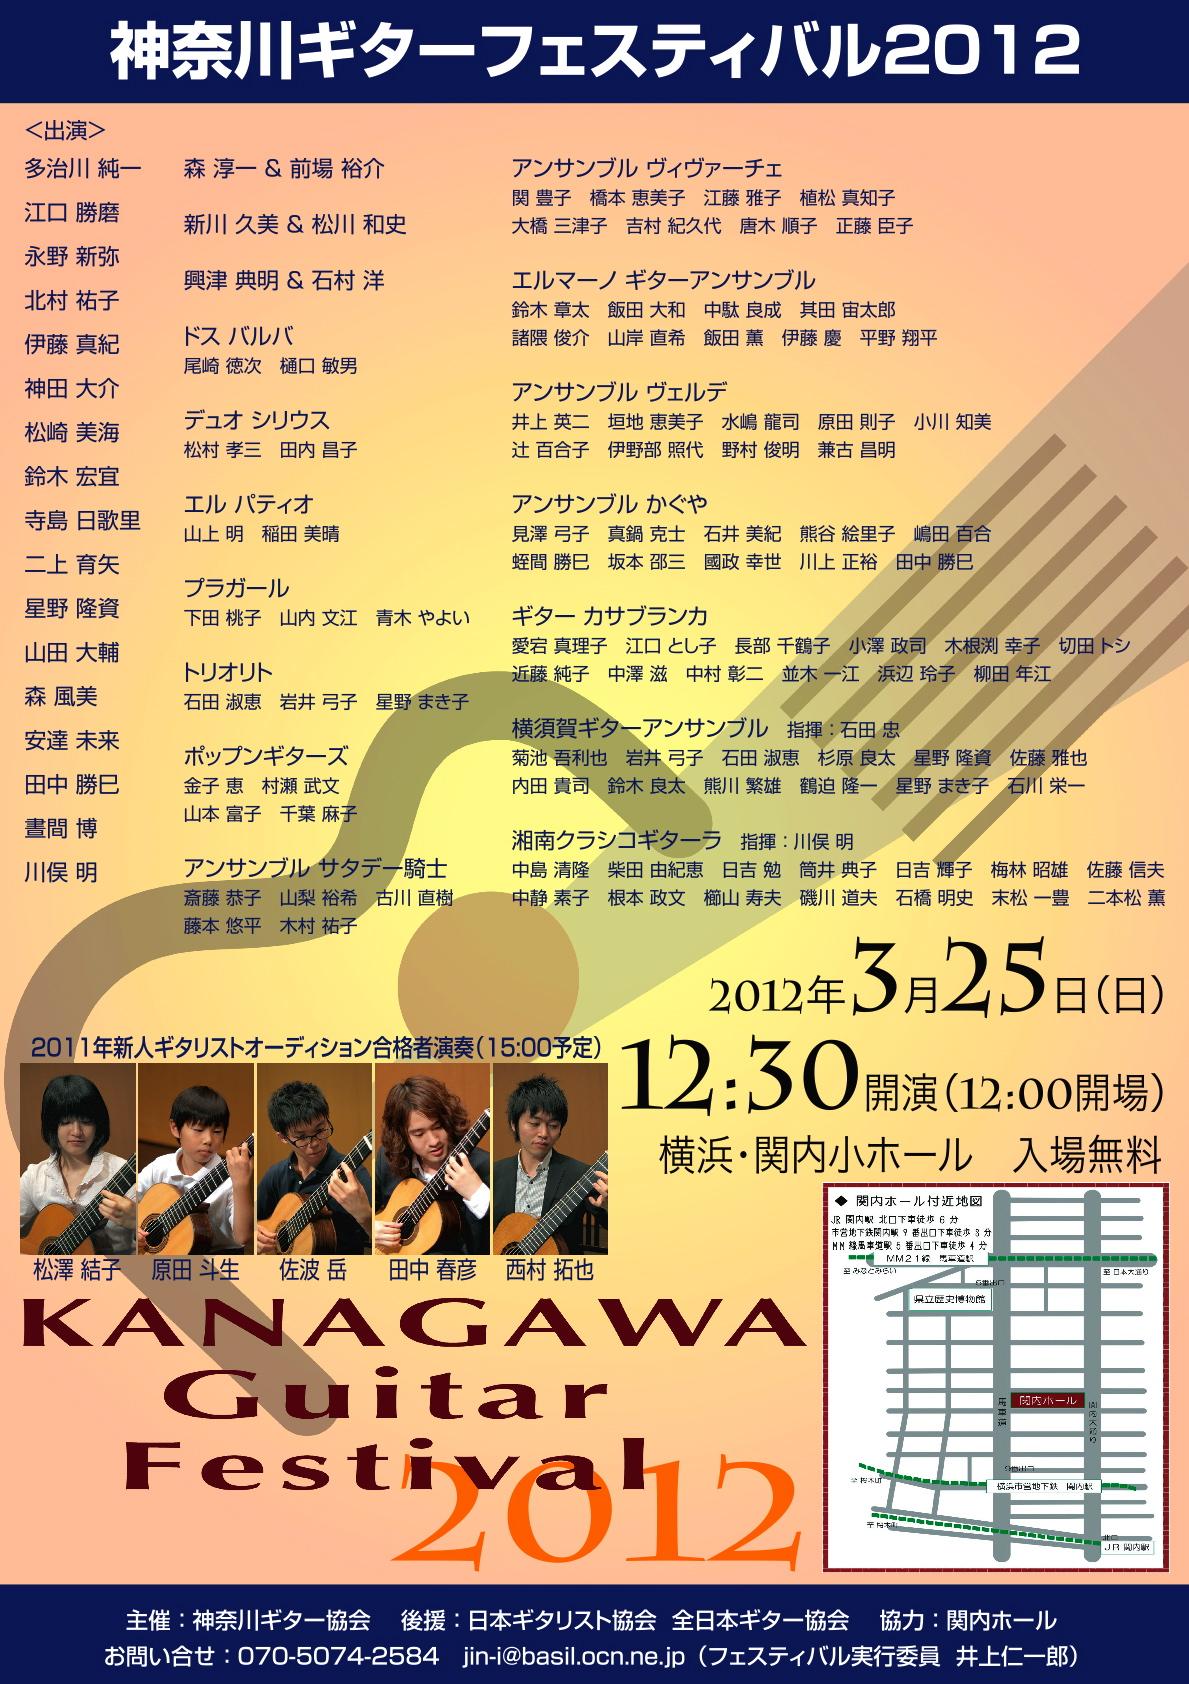 神奈川ギターフェスティバル